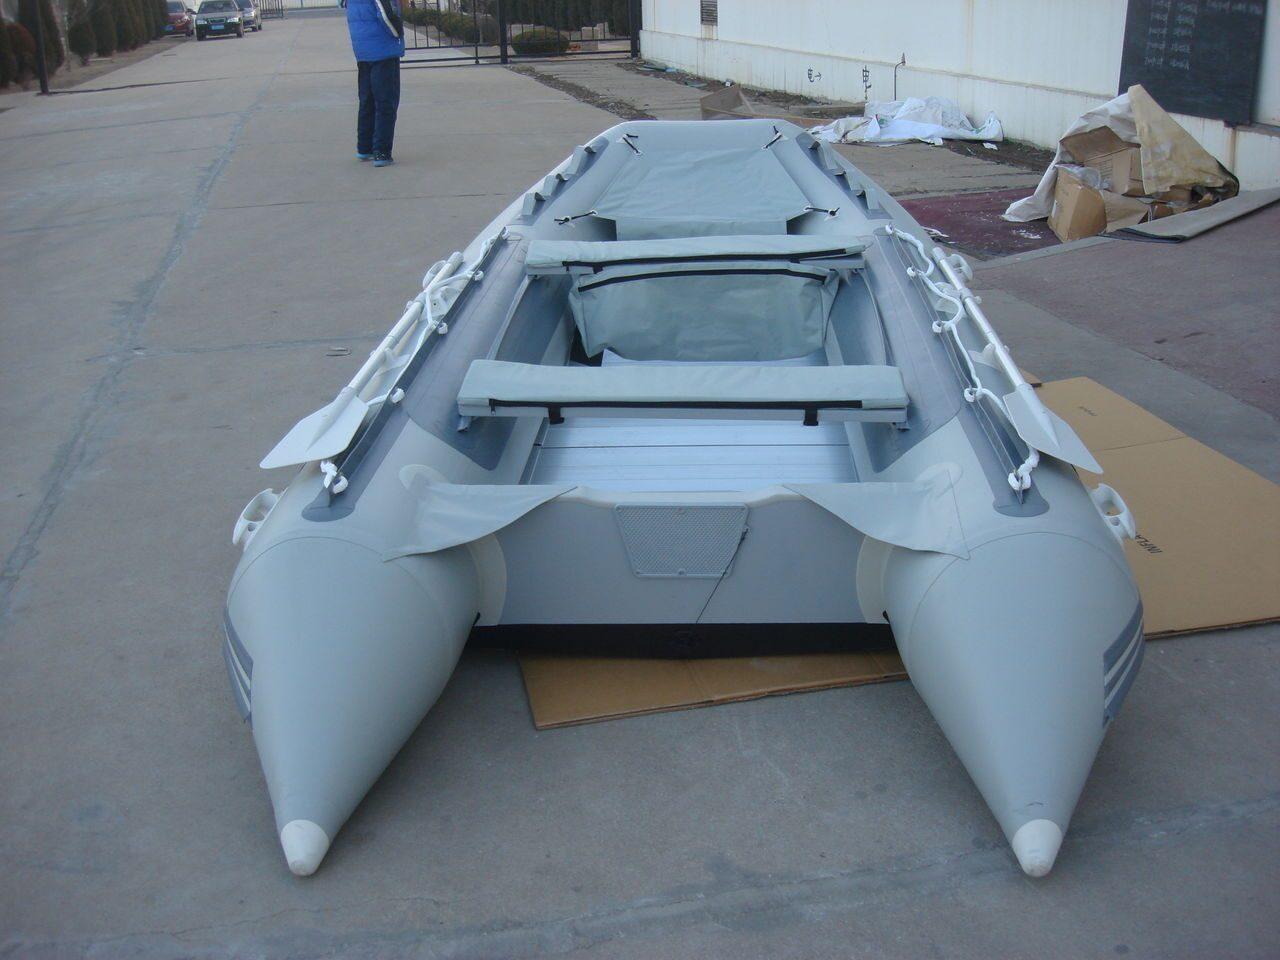 купить лодку в магазине три кита